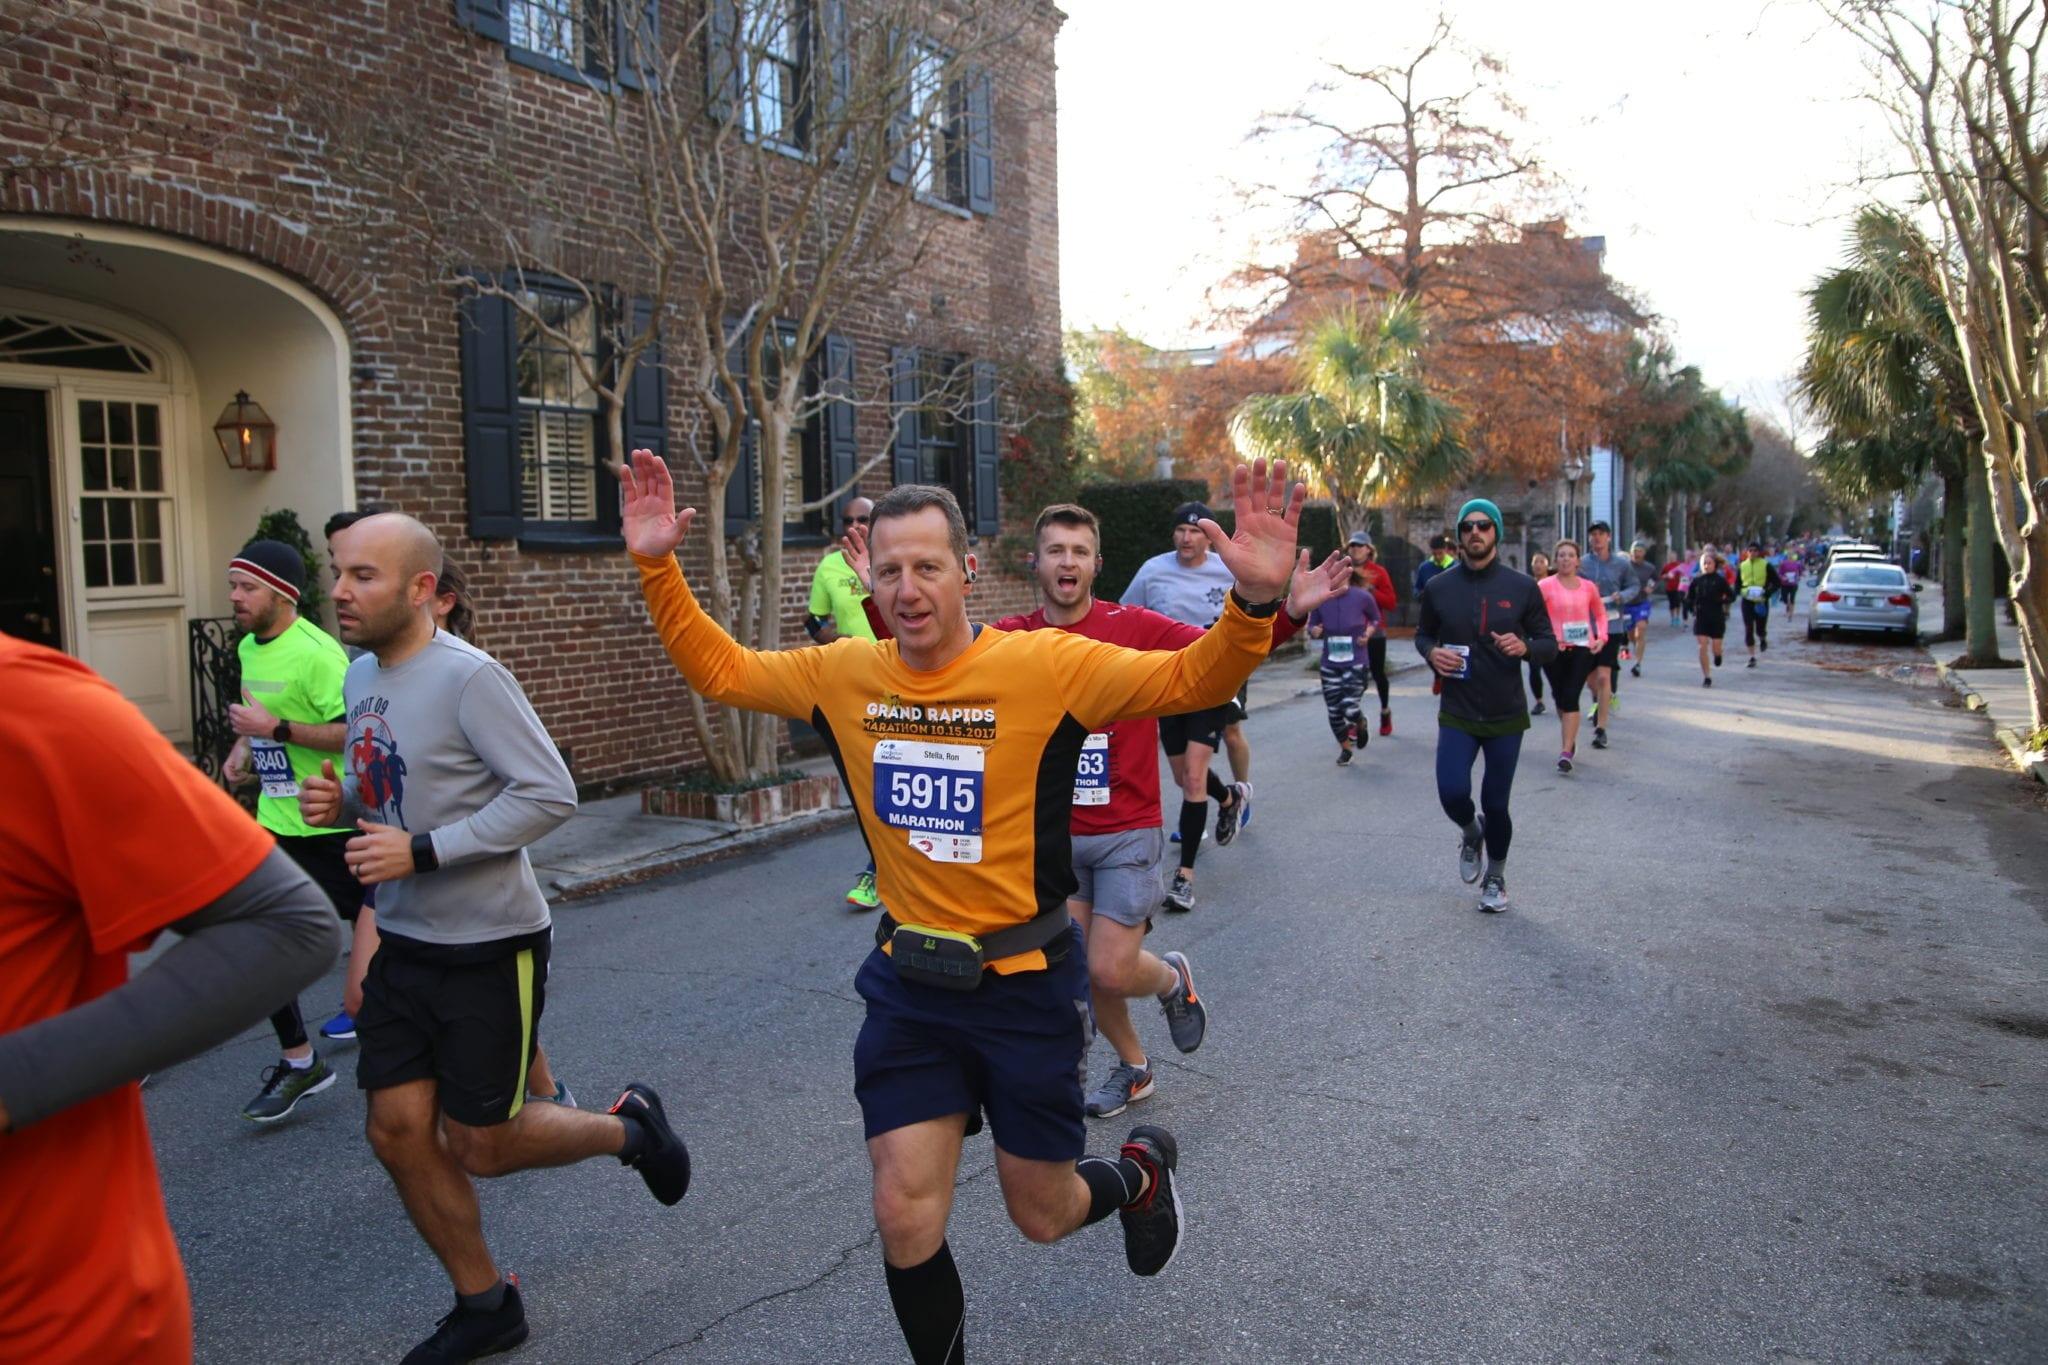 half marathon runner